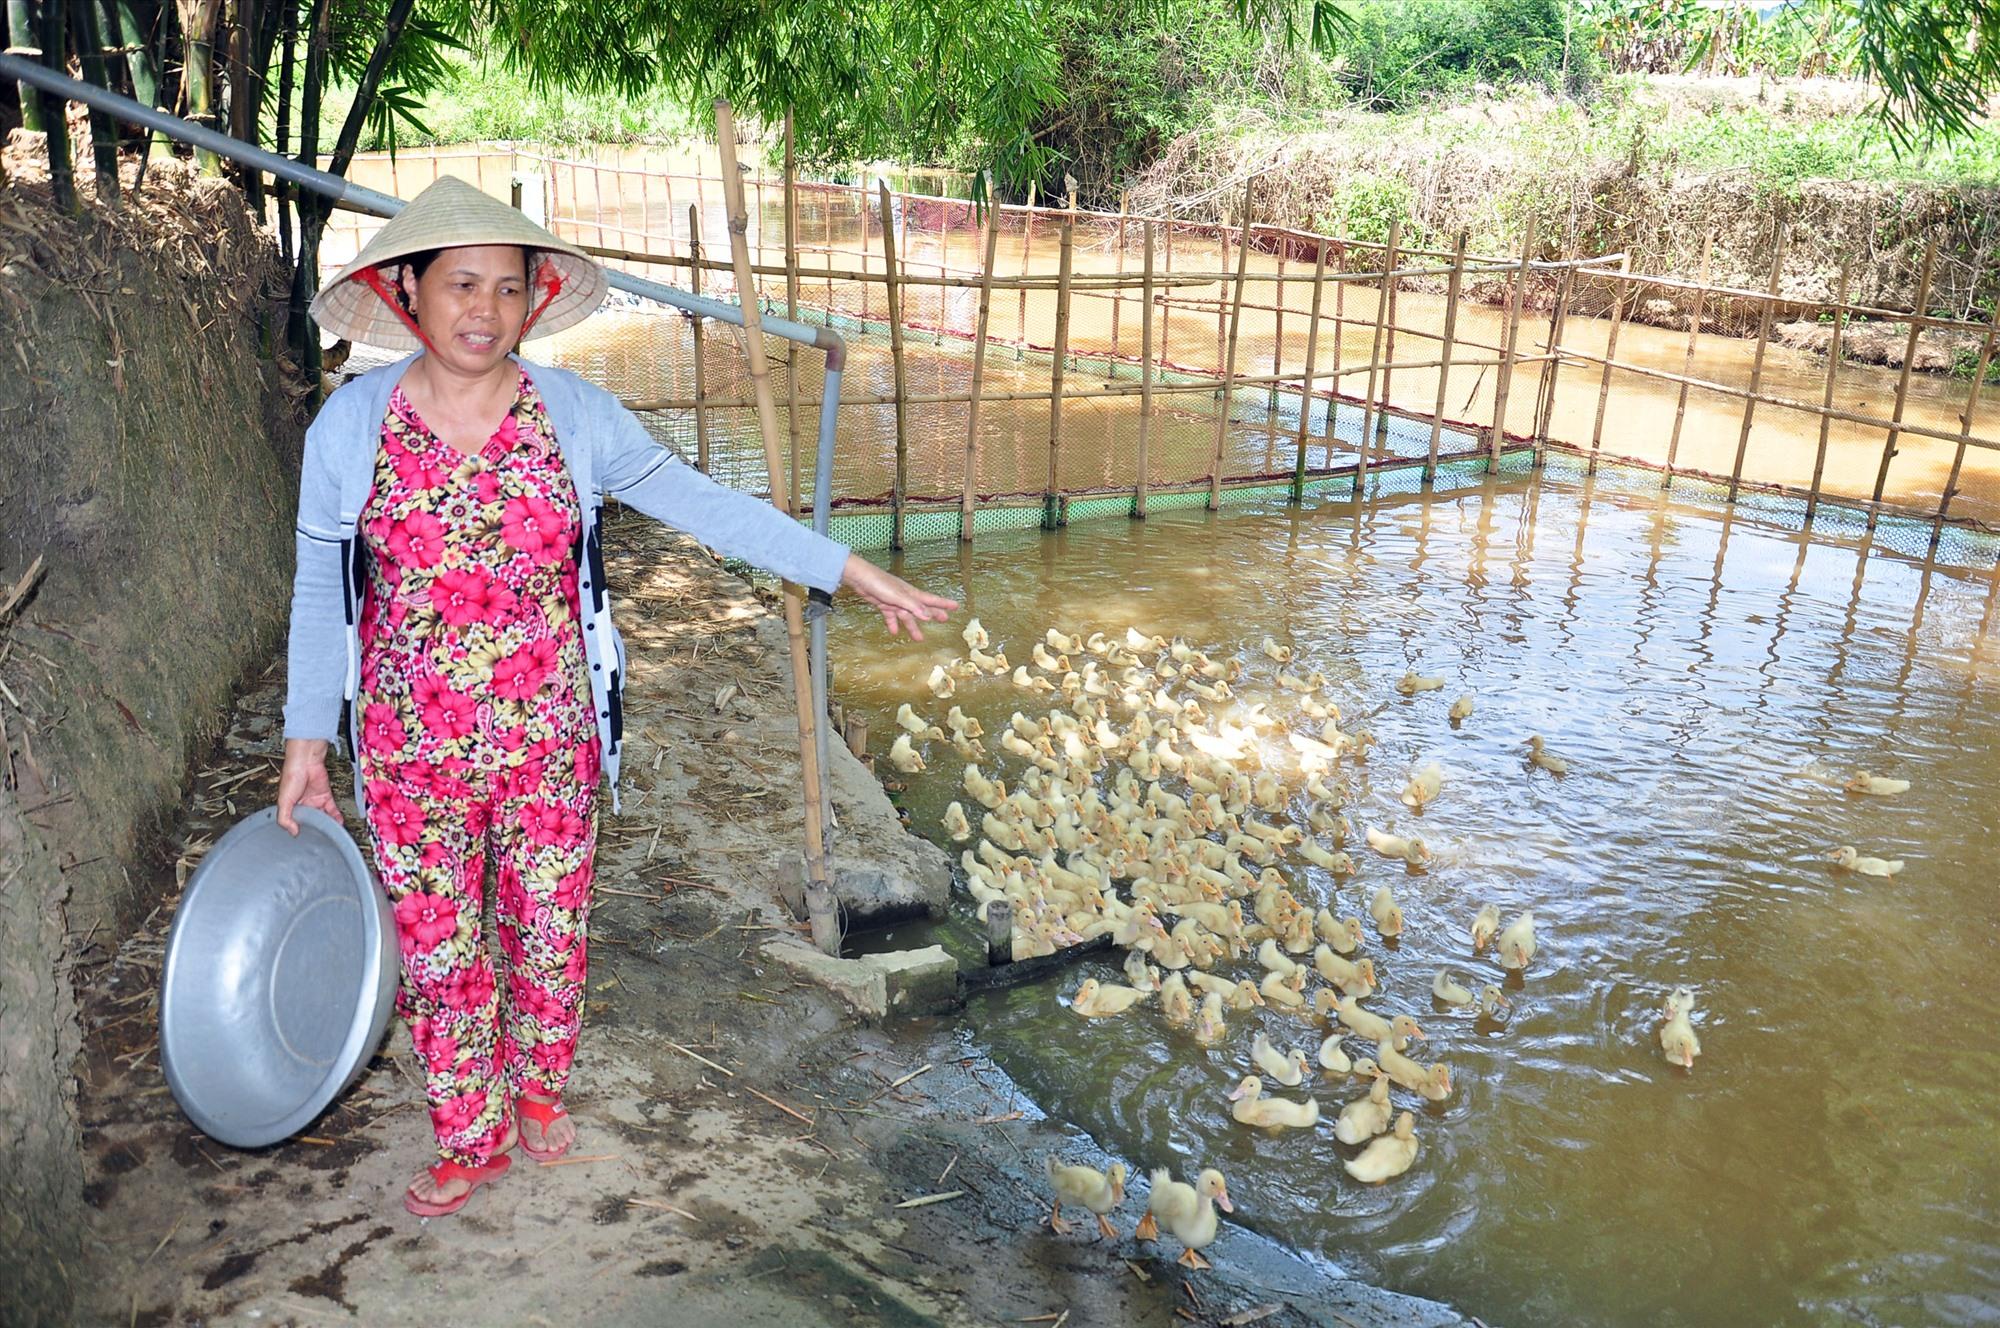 Hộ bà Nguyễn Thị Nhựt (thôn Trung Nam, xã Quế Trung) đã thoát nghèo nhờ mạnh dạn tiếp cận vốn vay ưu đãi để phát triển kinh tế gia trại. Ảnh: S.A